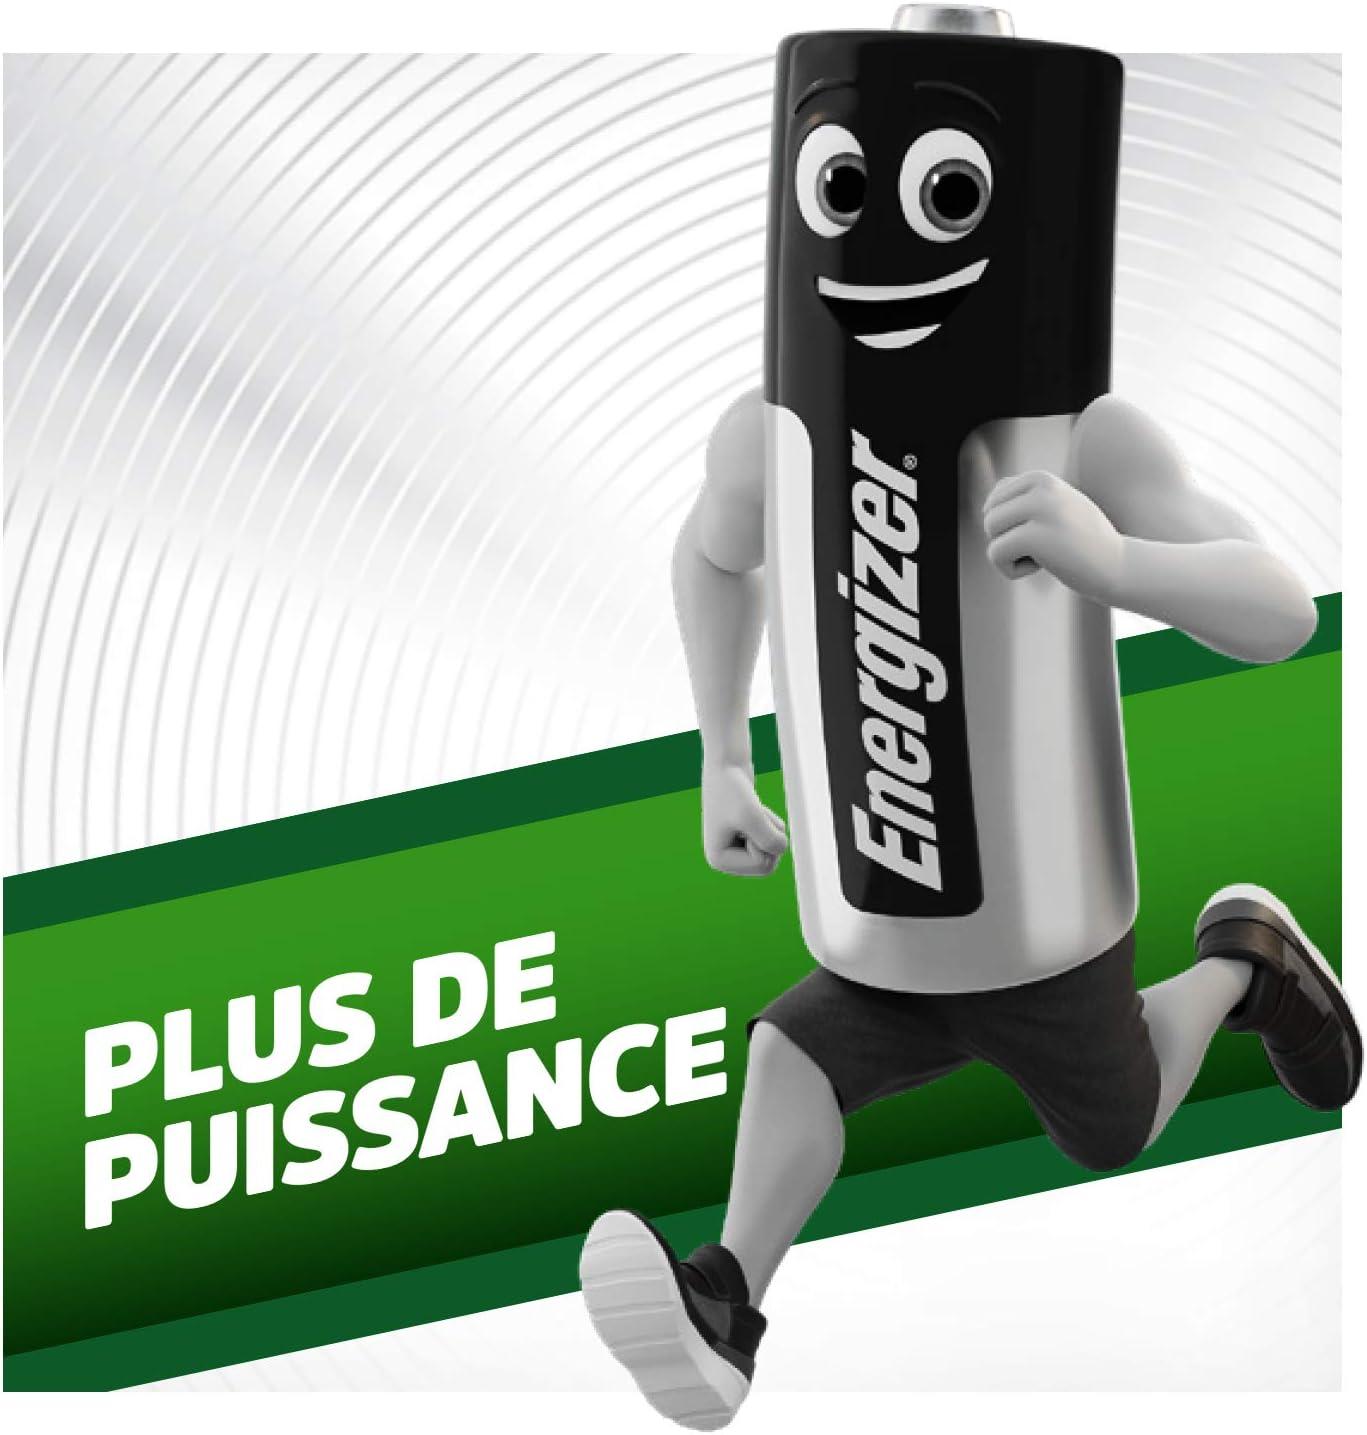 Recharge Power Plus Lot de 12 Energizer Piles Rechargeables AAA